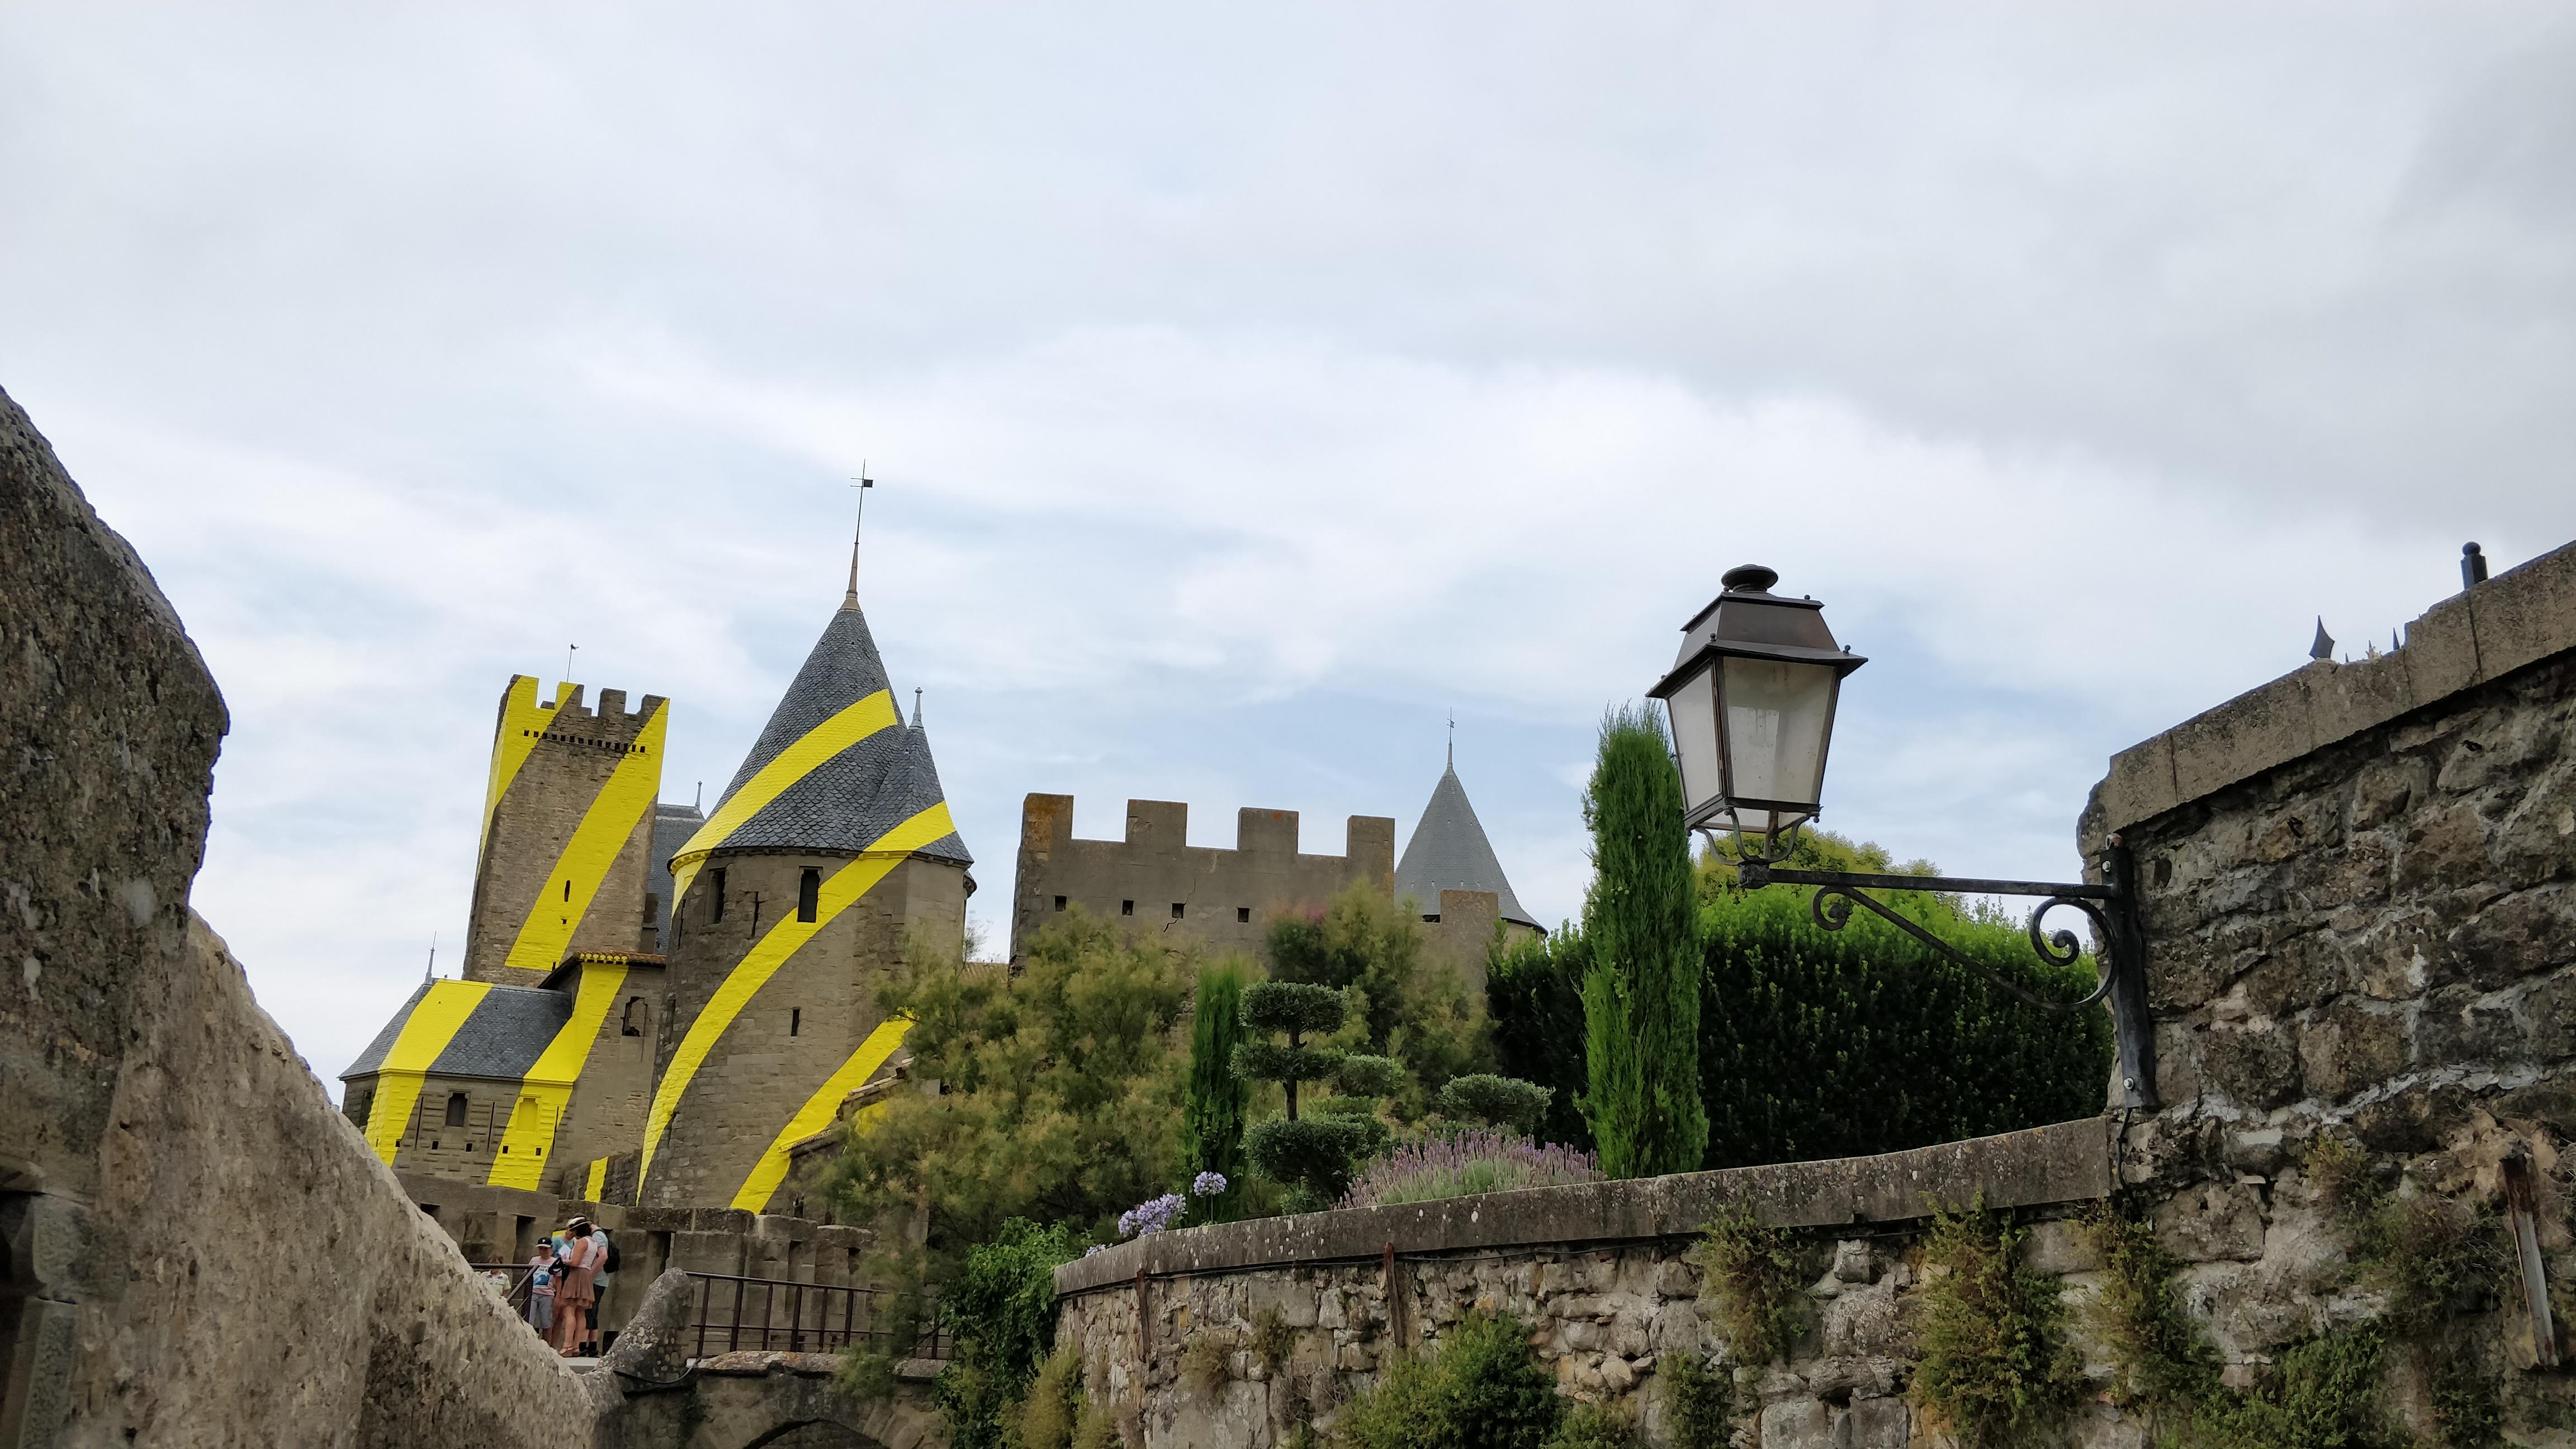 один мой выходной, поездка на дачу и обратно, город Тулуза, Франция, фото 20